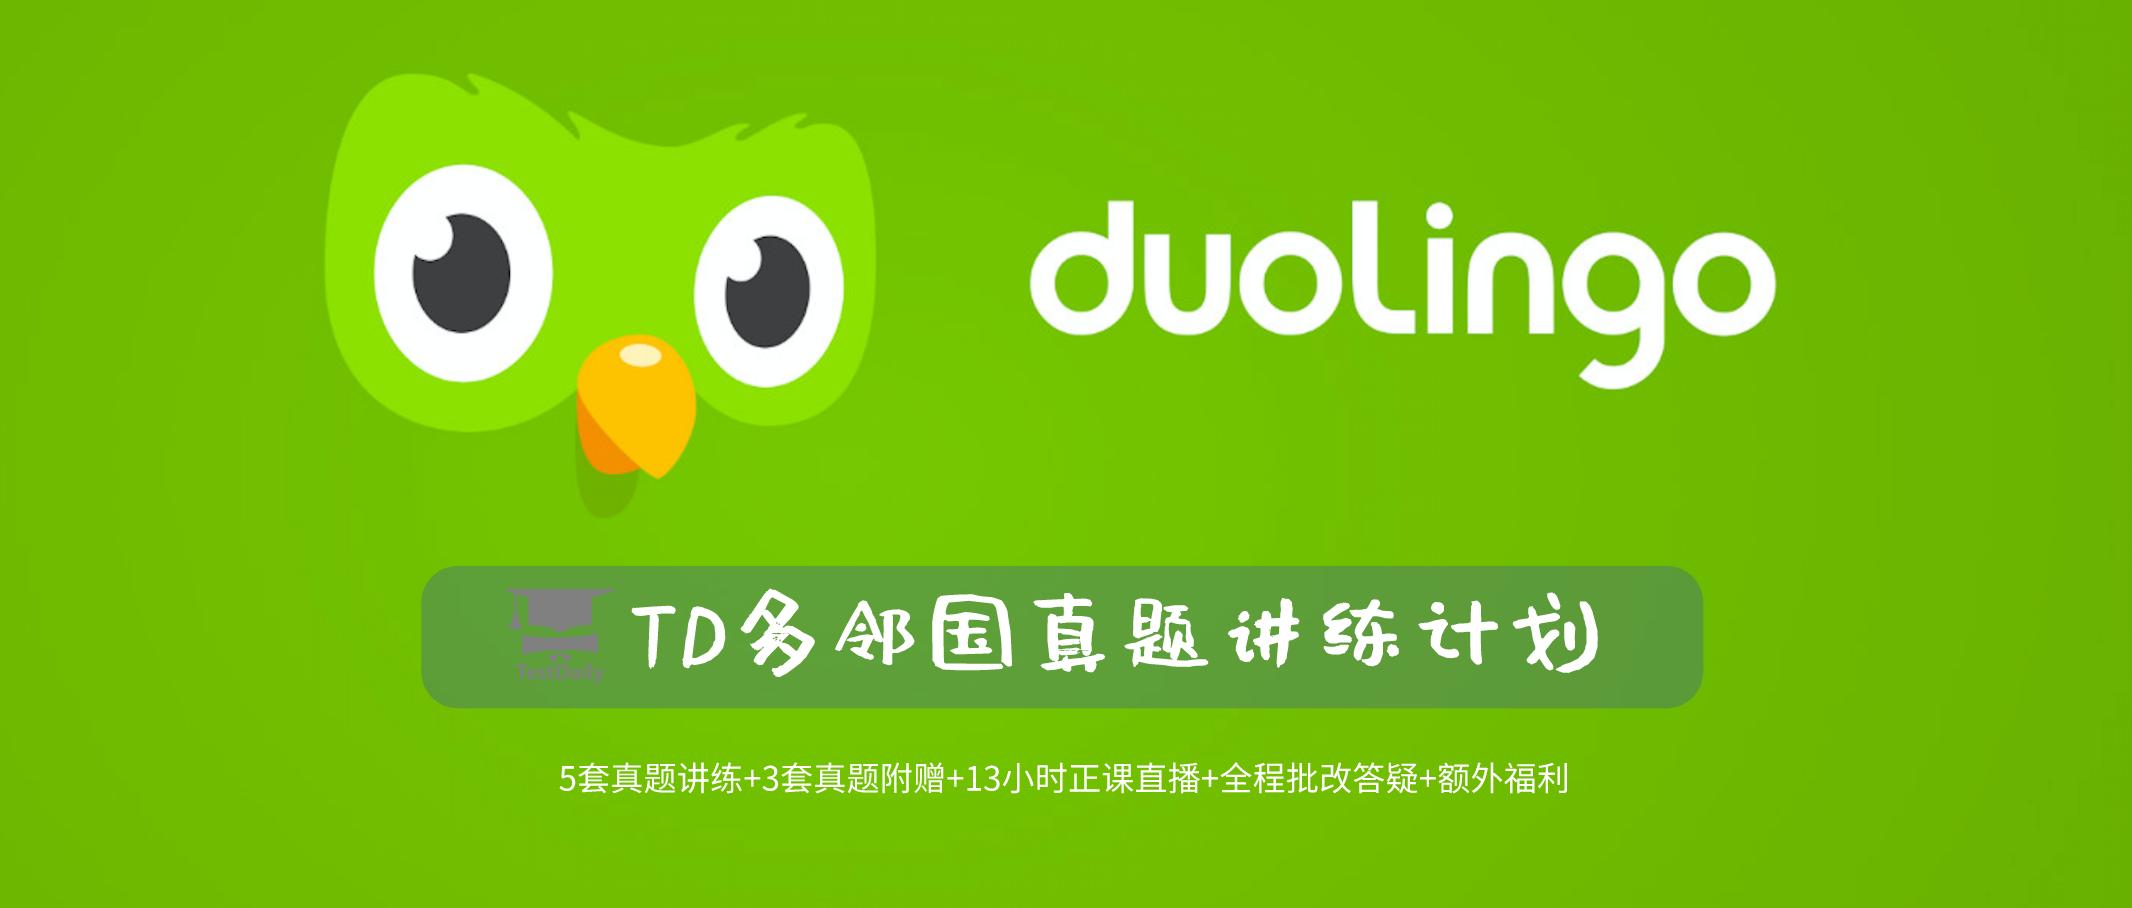 多邻国考试真题你真的会用吗?duolingo真题精讲计划,8天时间高效备考,成功分手多邻国!